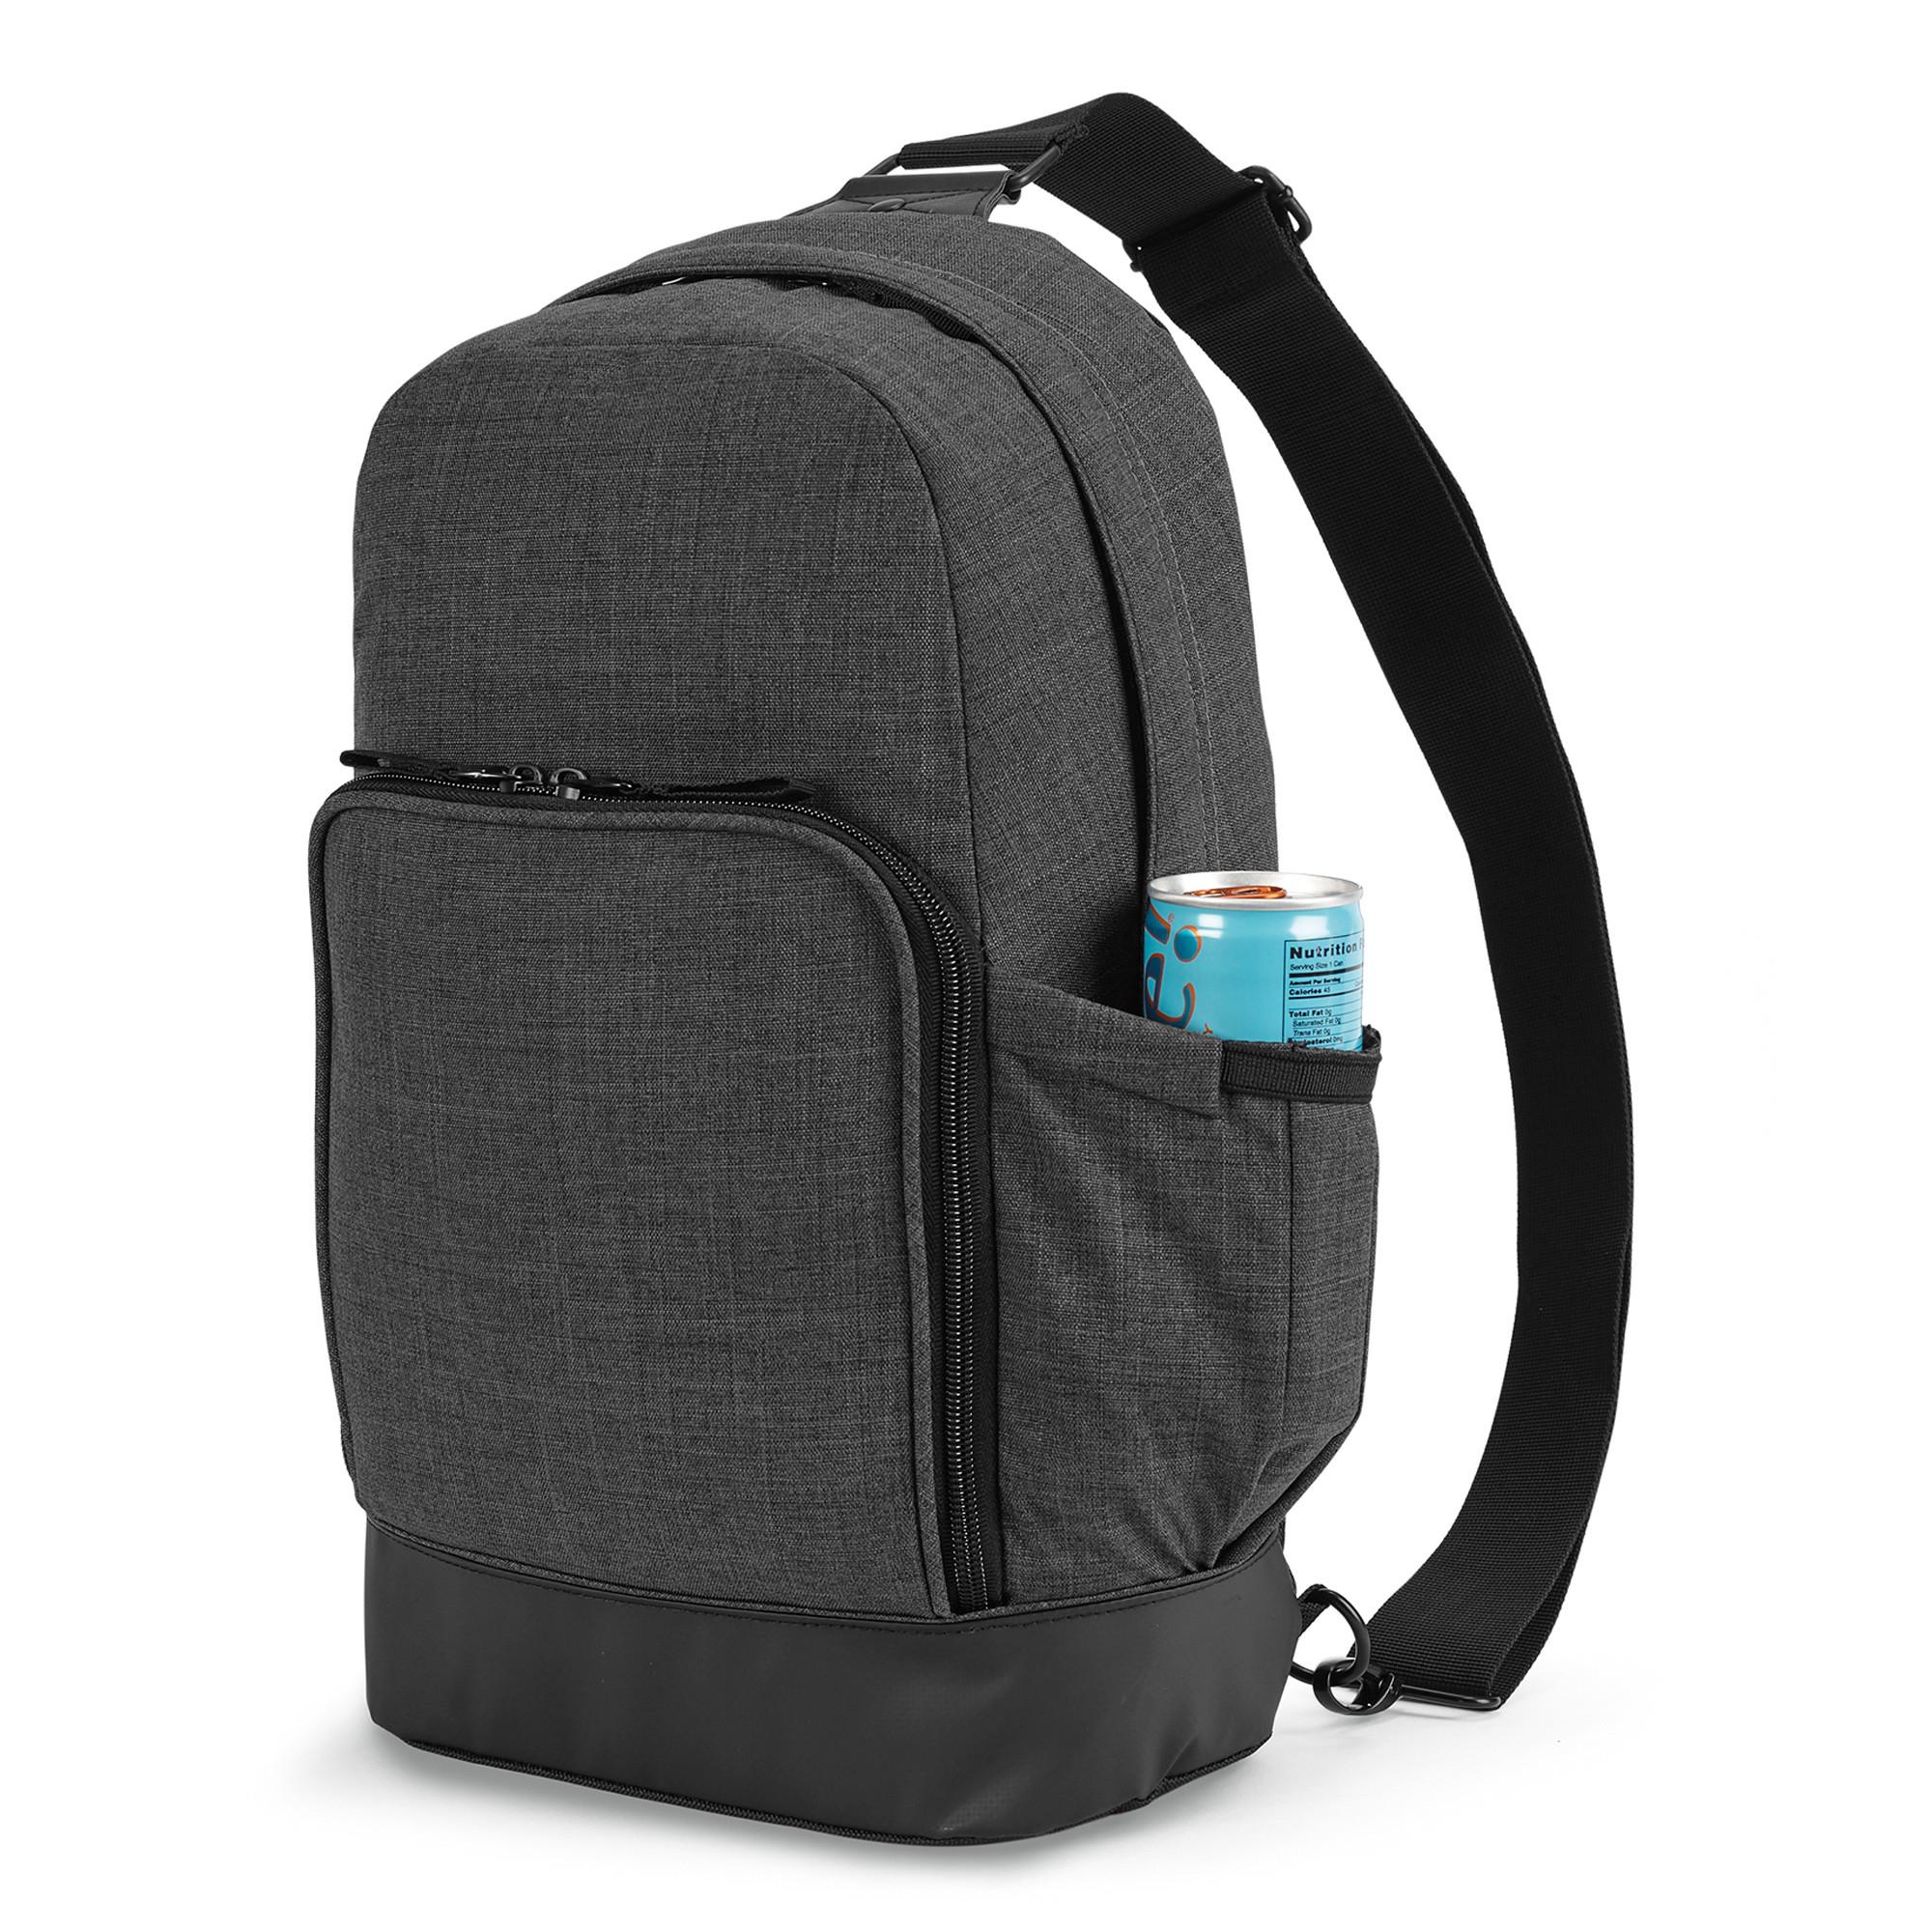 Heritage Supply 5507 - Tanner Sling Bag